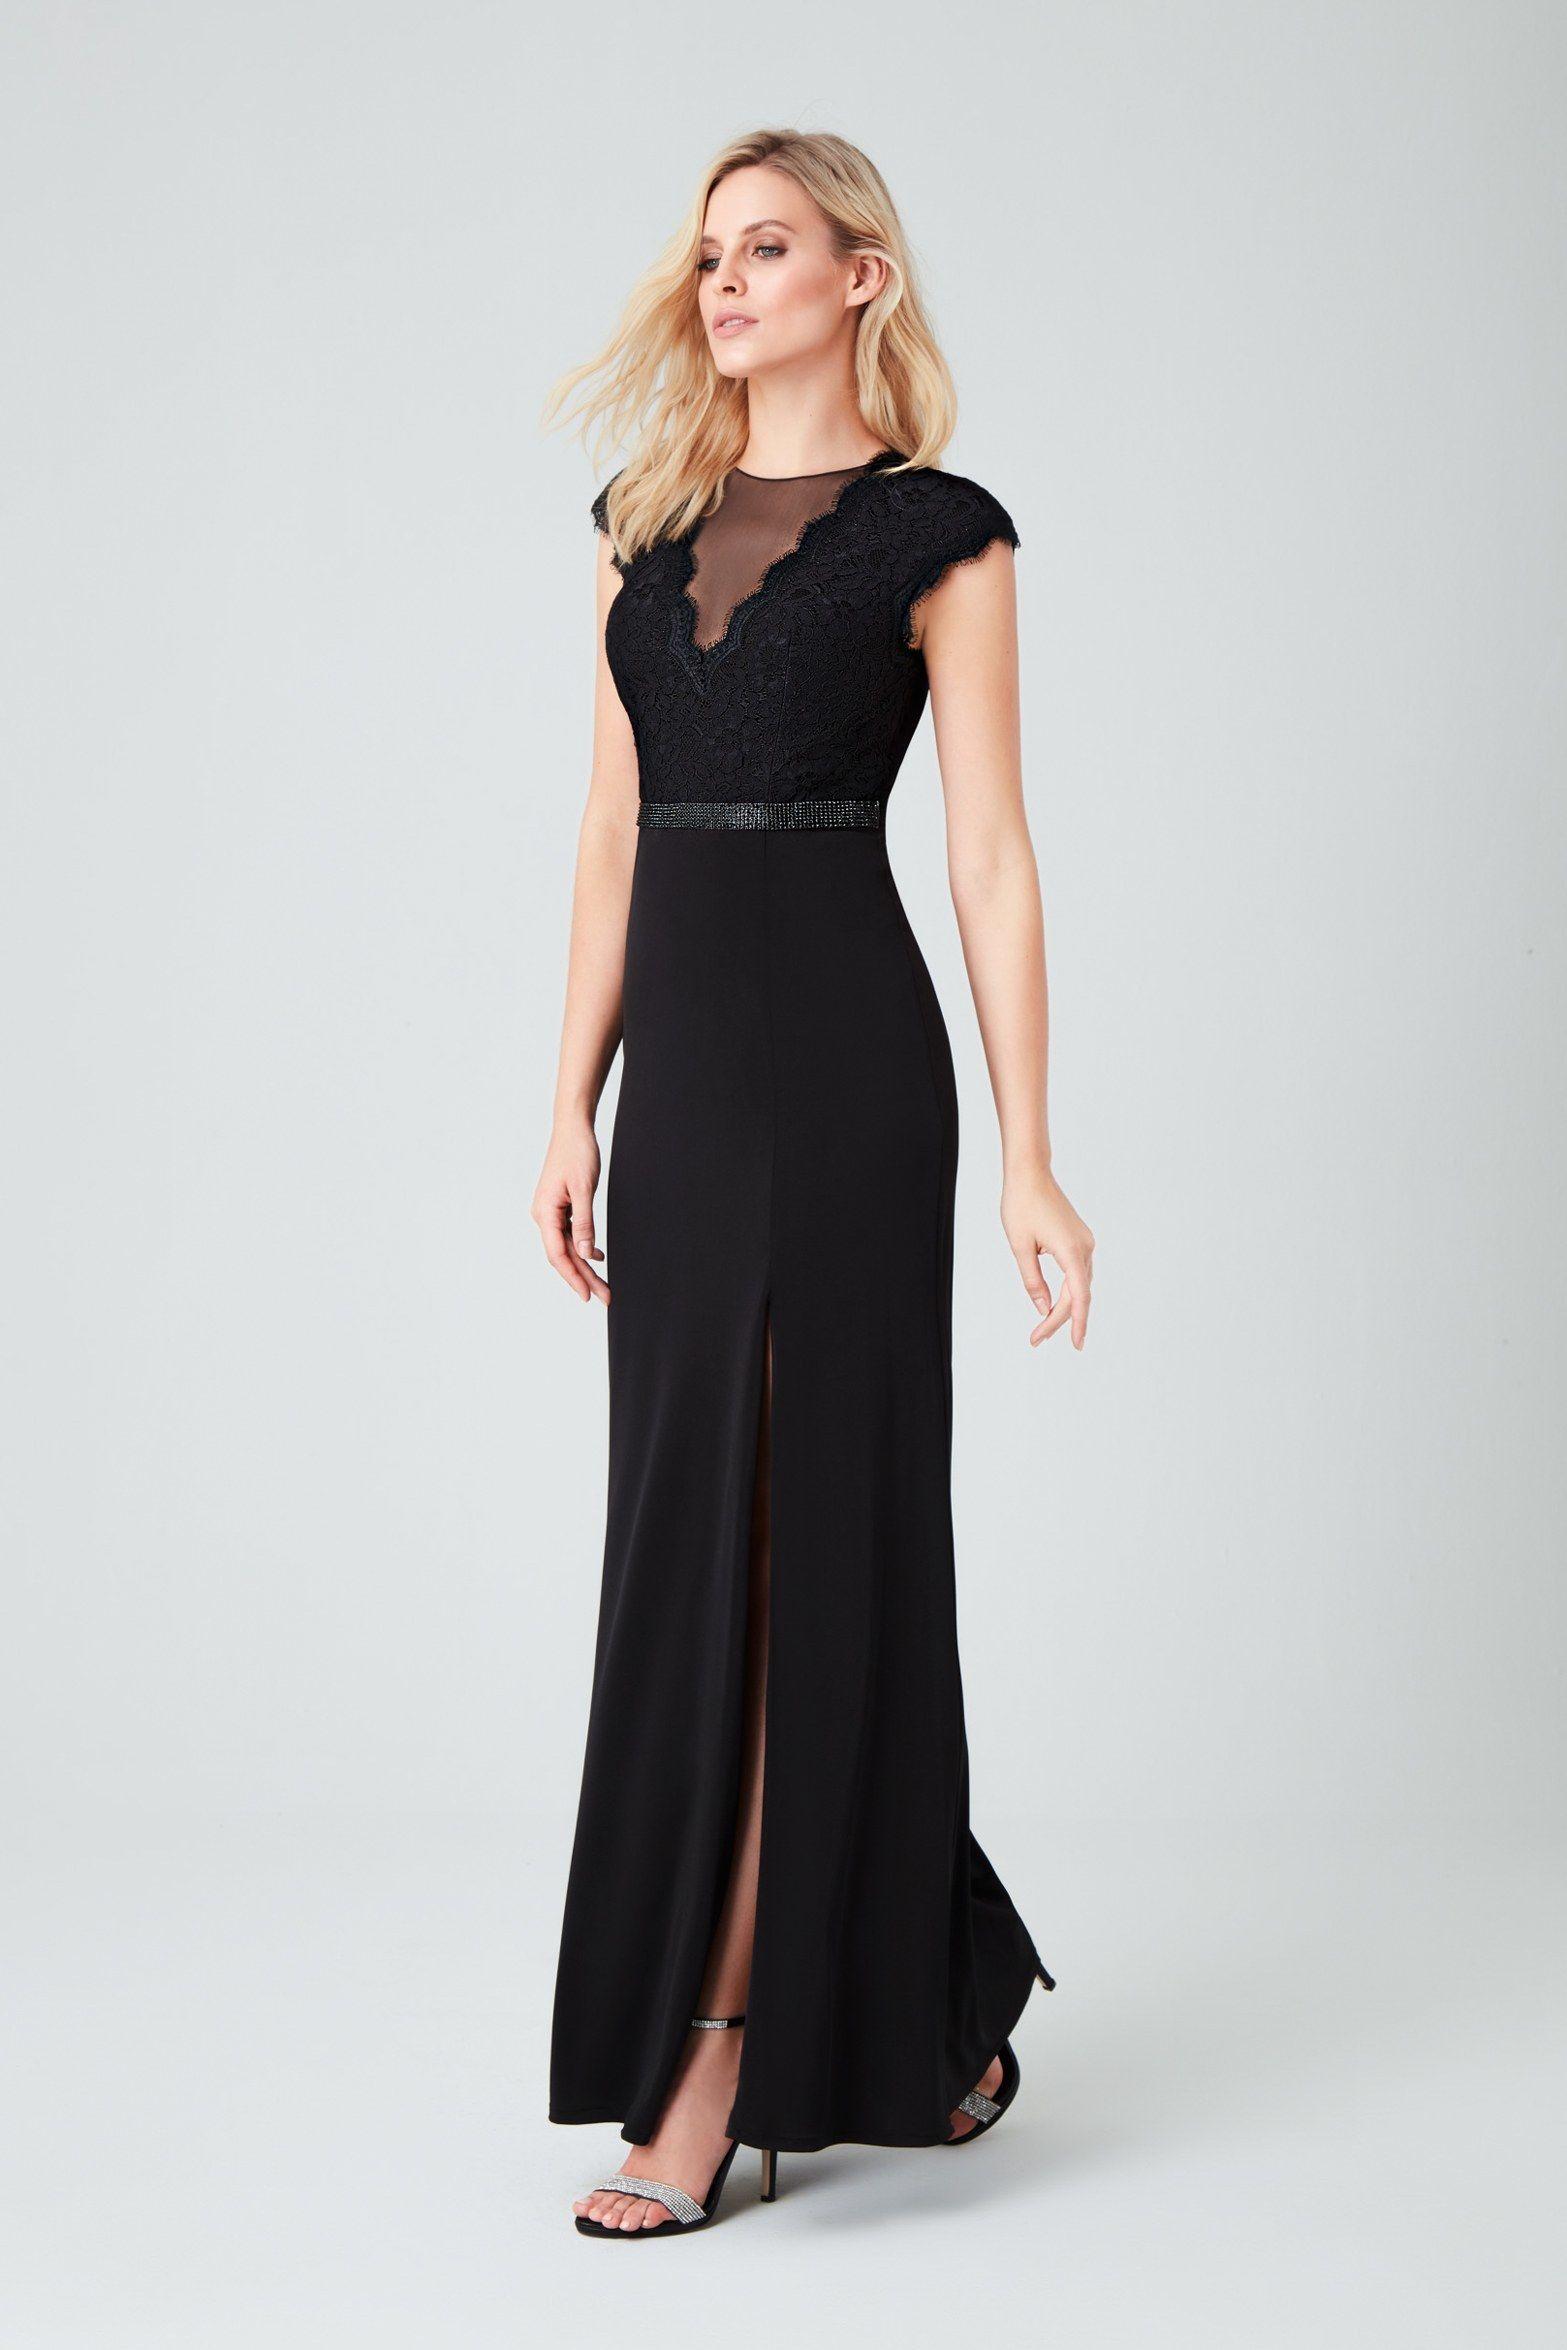 0e65e83b7b7a3 Lila Kısa Kollu Dantelli Uzun Abiye Elbise Modelini İster Online  İnceleyerek Satın Alın, İster Mağazamızı